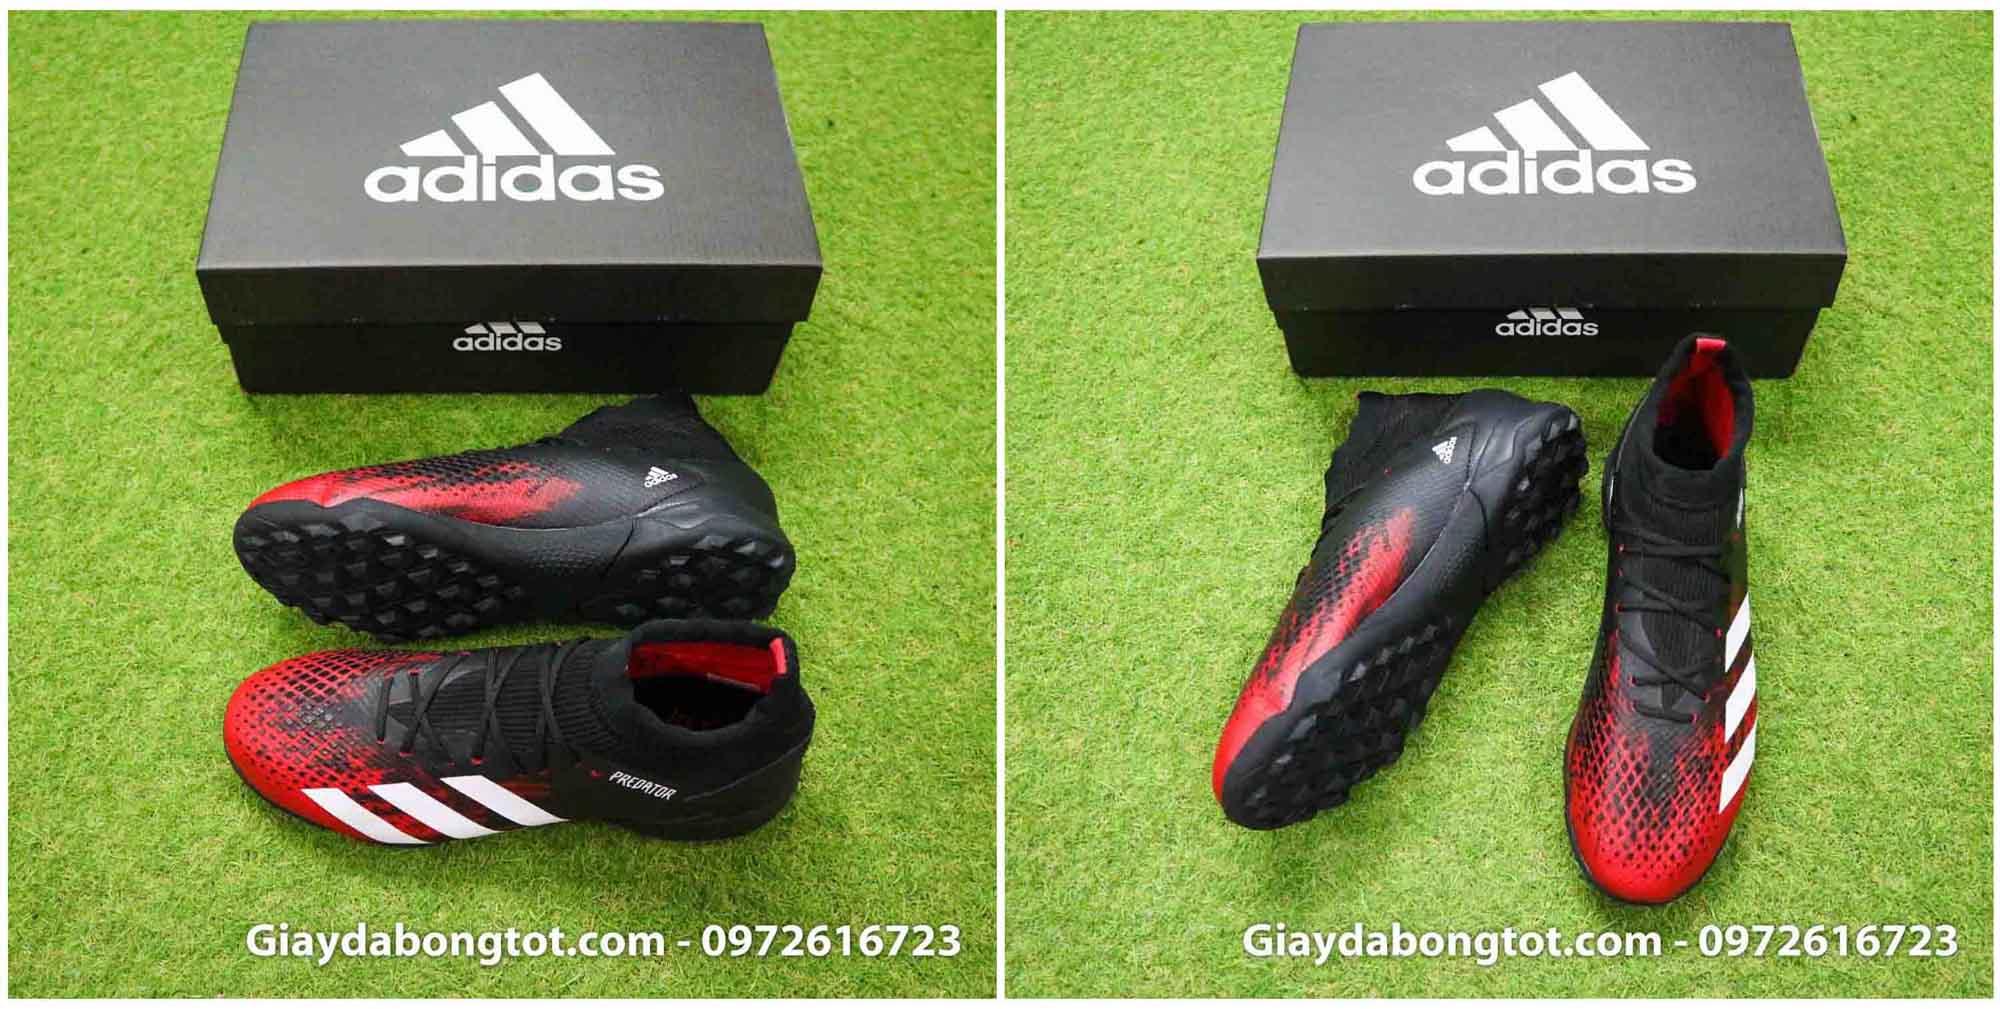 Lưu ý khi sử dụng giày bóng đá da nhân tạo synthetic để giữ độ bền tốt nhất